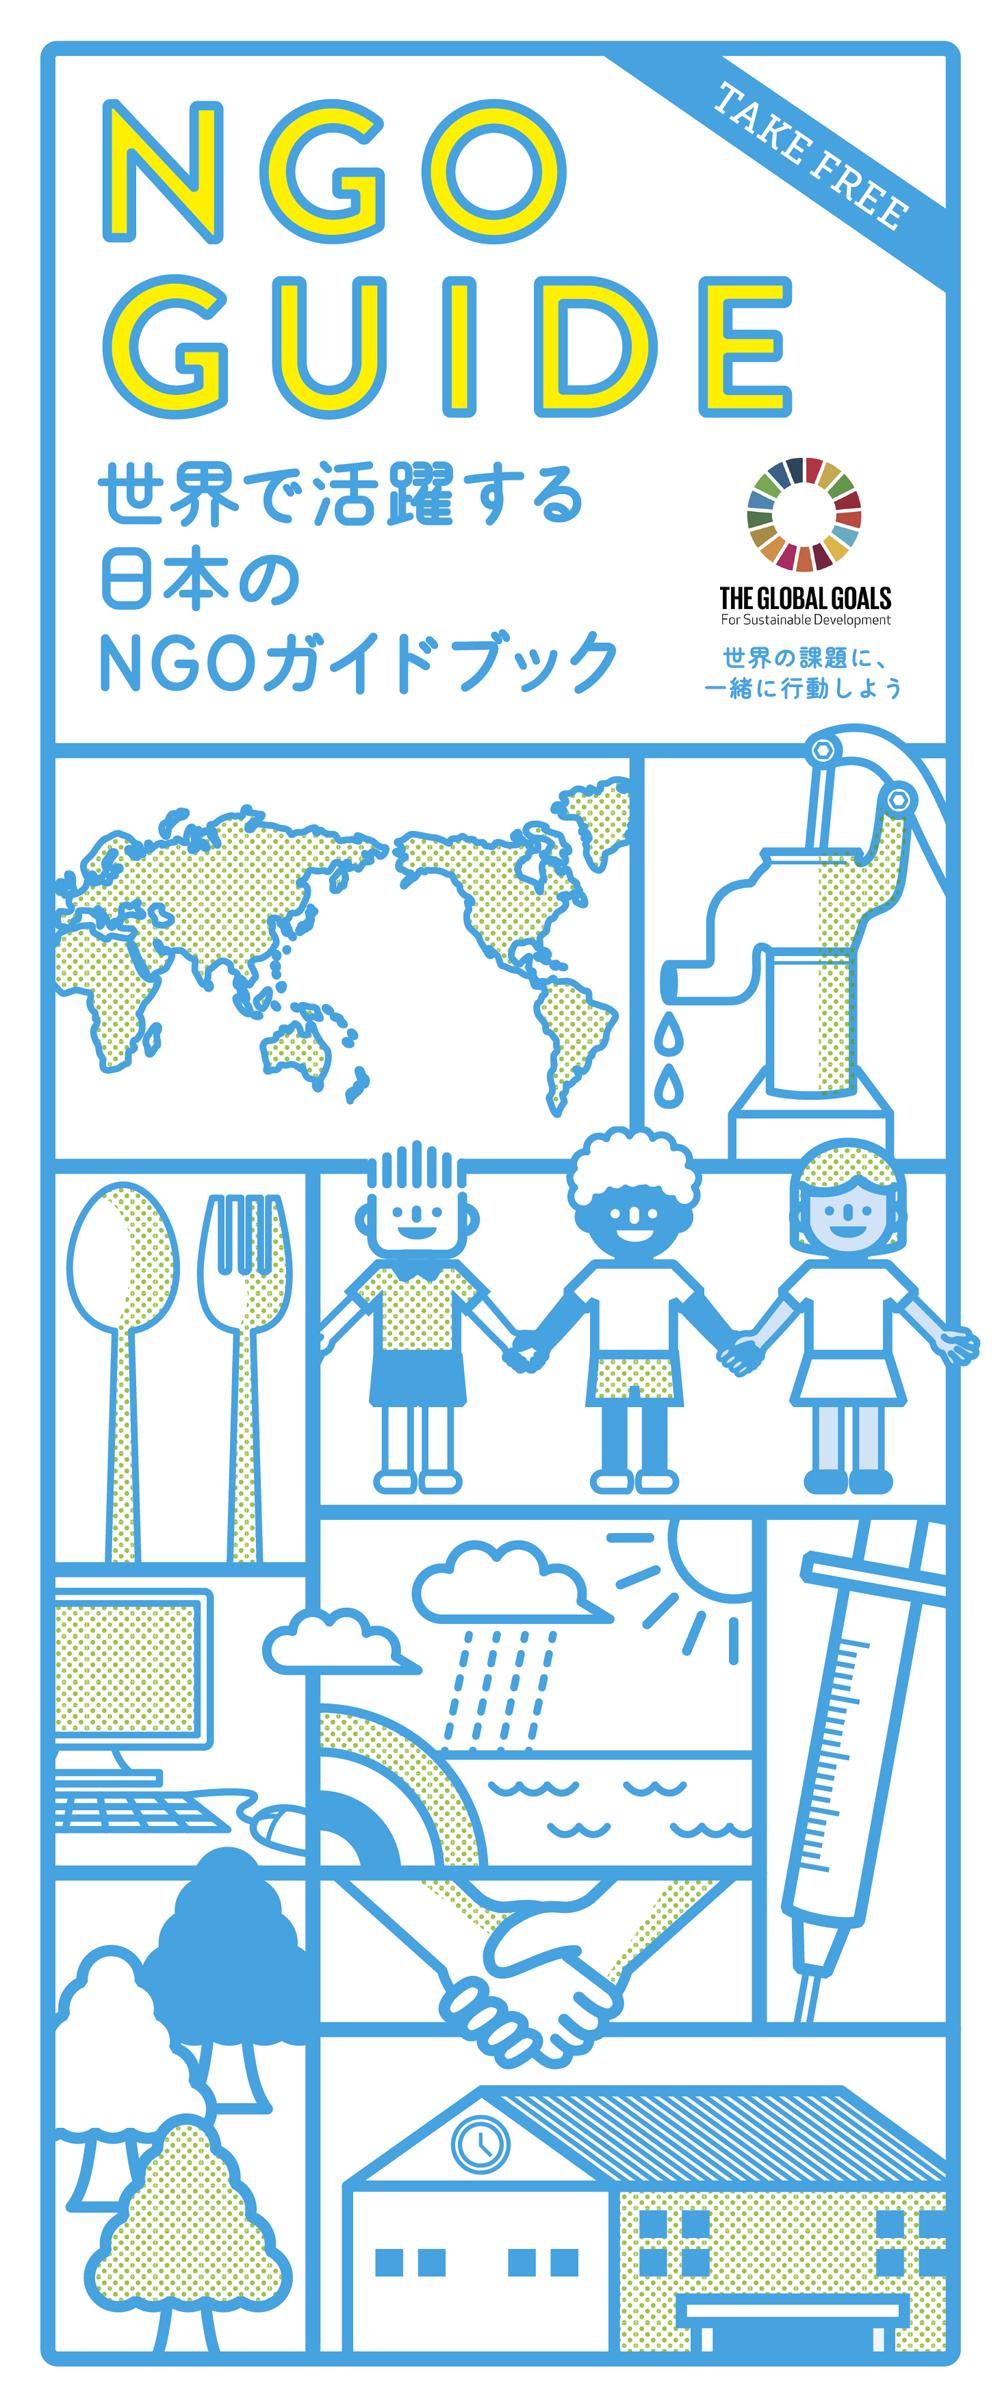 NGOガイド第9版表紙